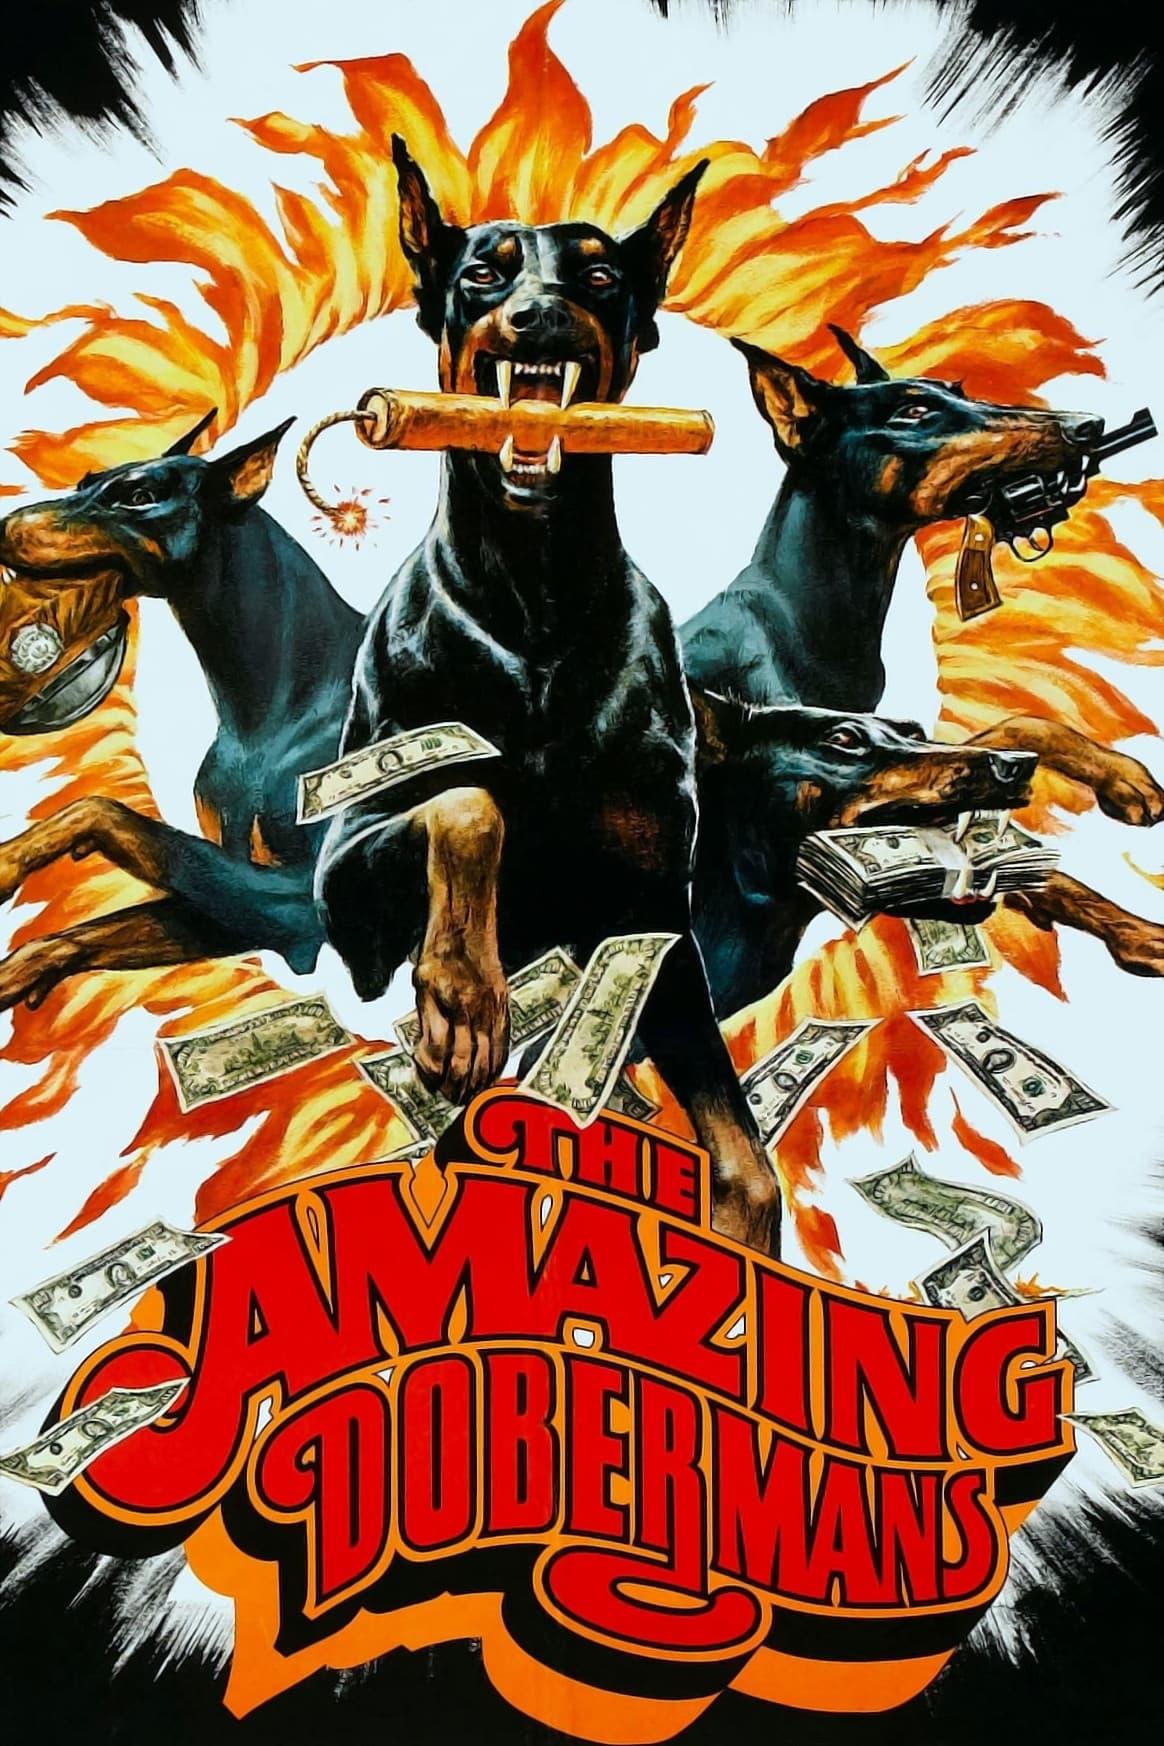 The Amazing Dobermans